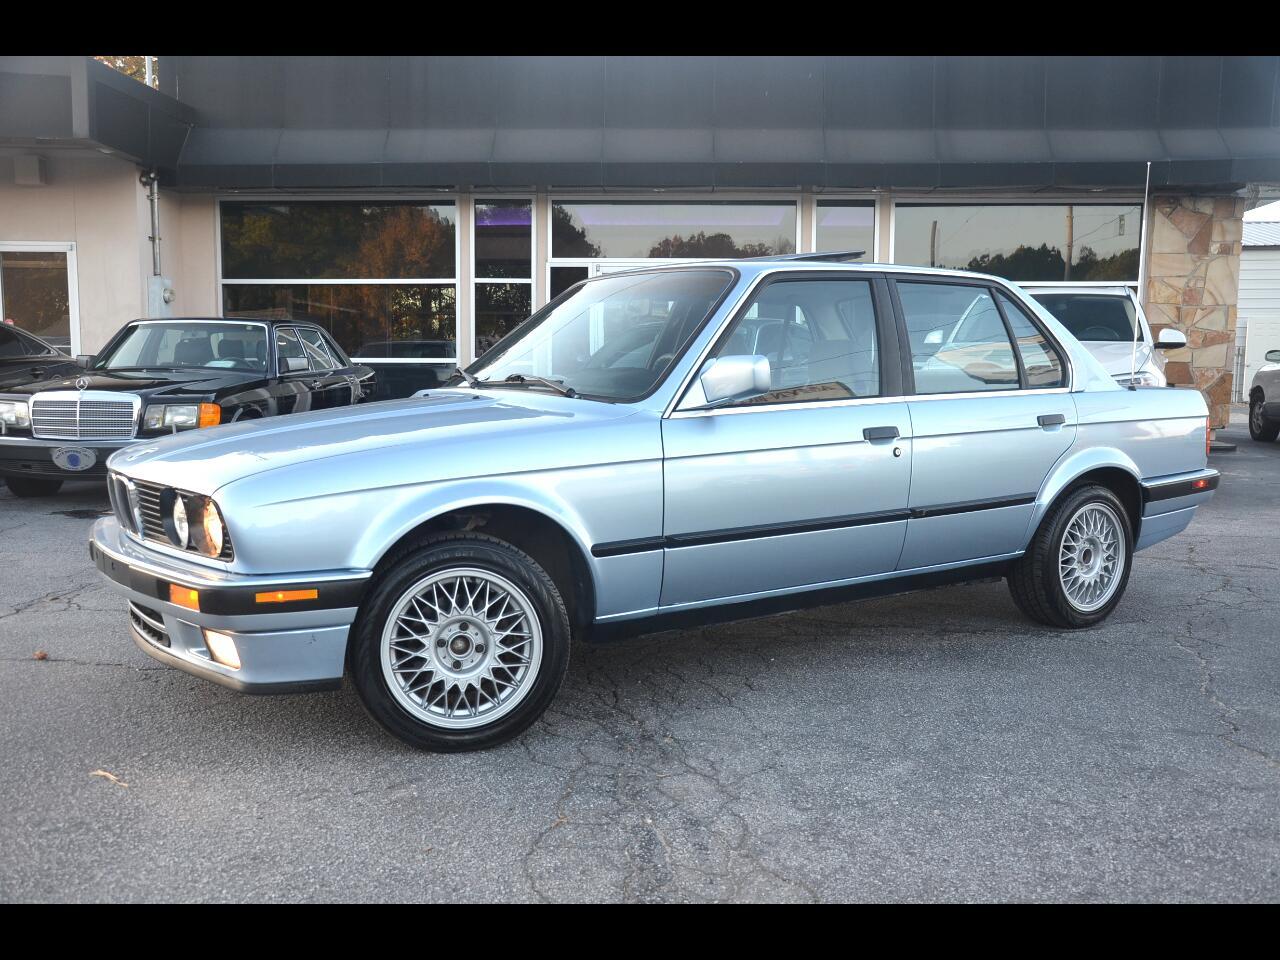 BMW 3 Series 4dr Sedan 325i 1991